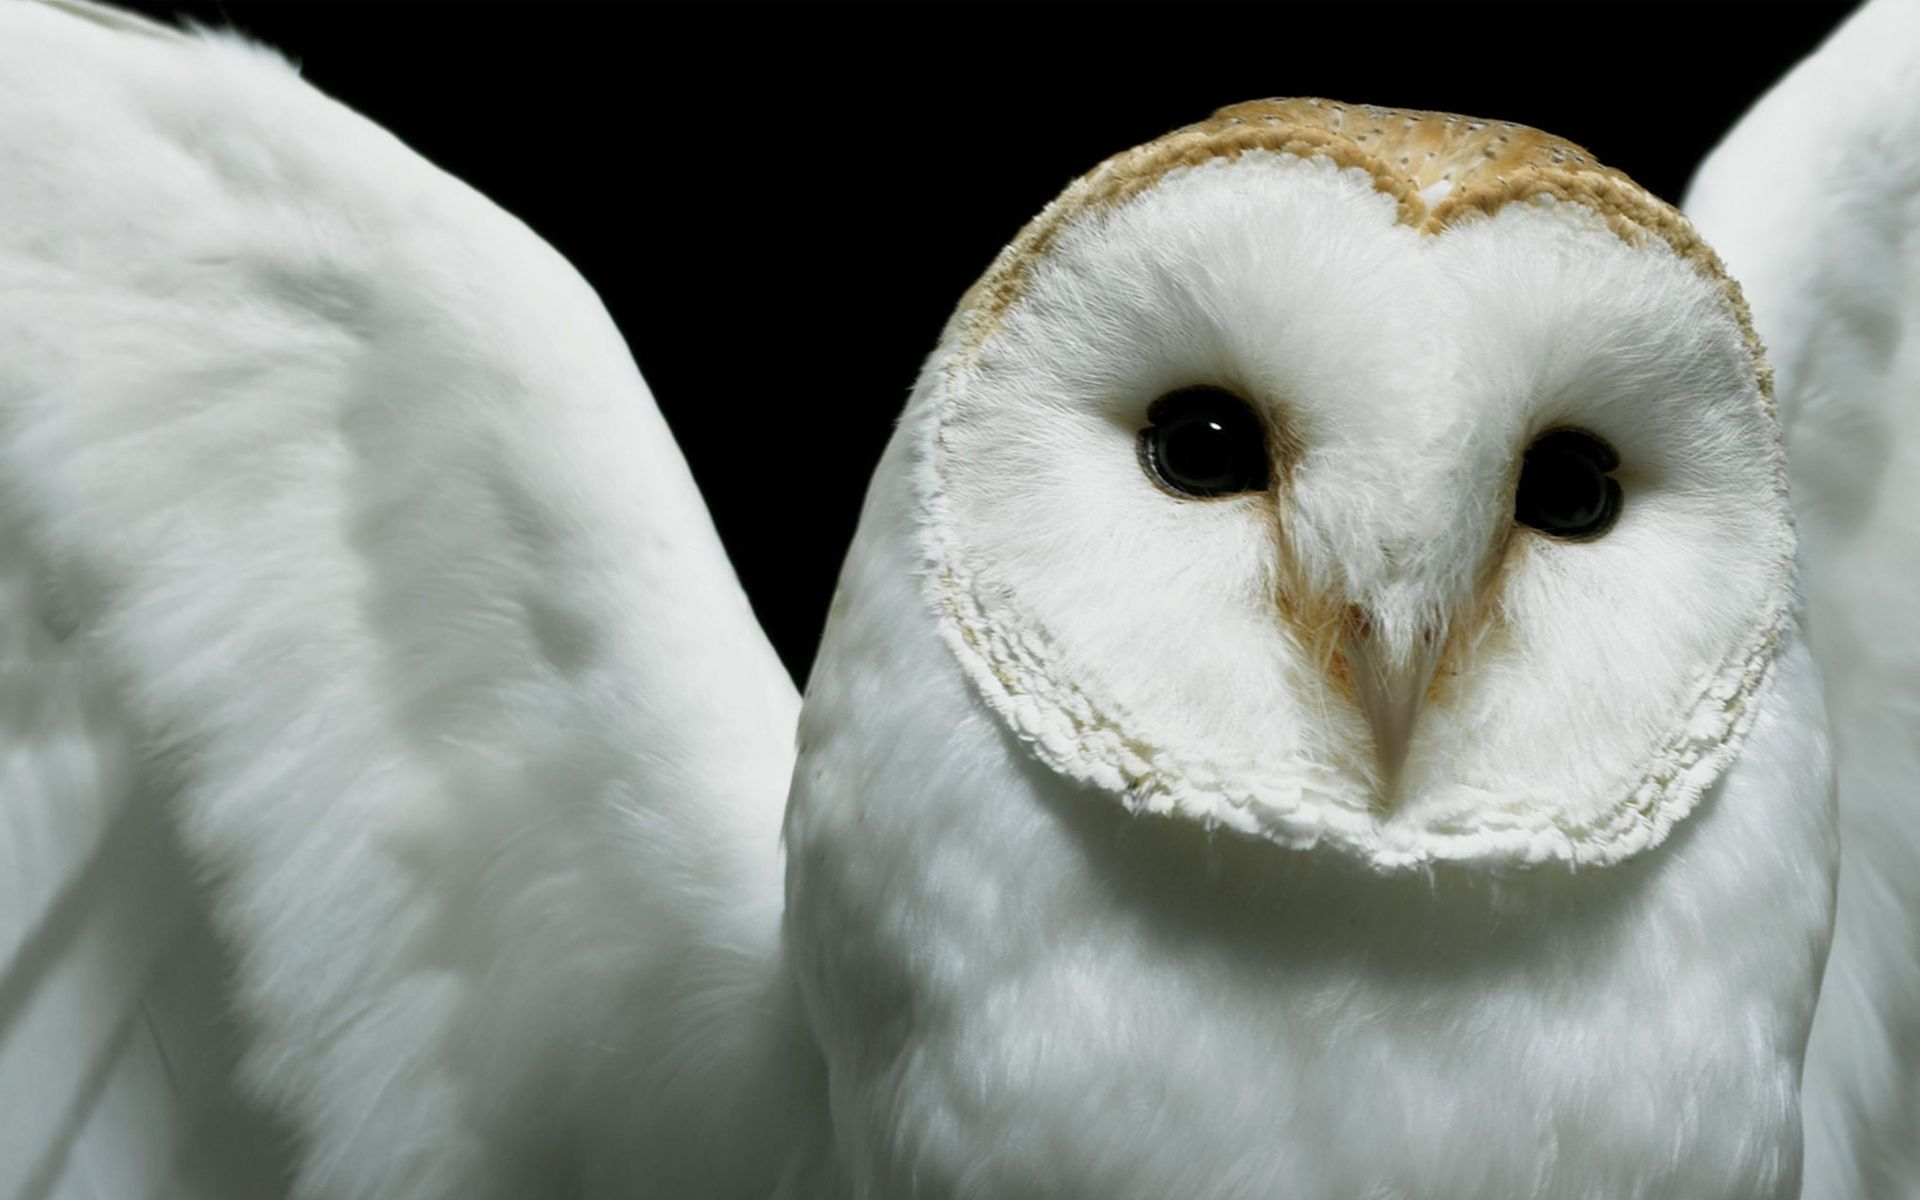 Hibou Ou Chouette fond ecran hibou chouette blanche wallpaper owl white hd hr animal